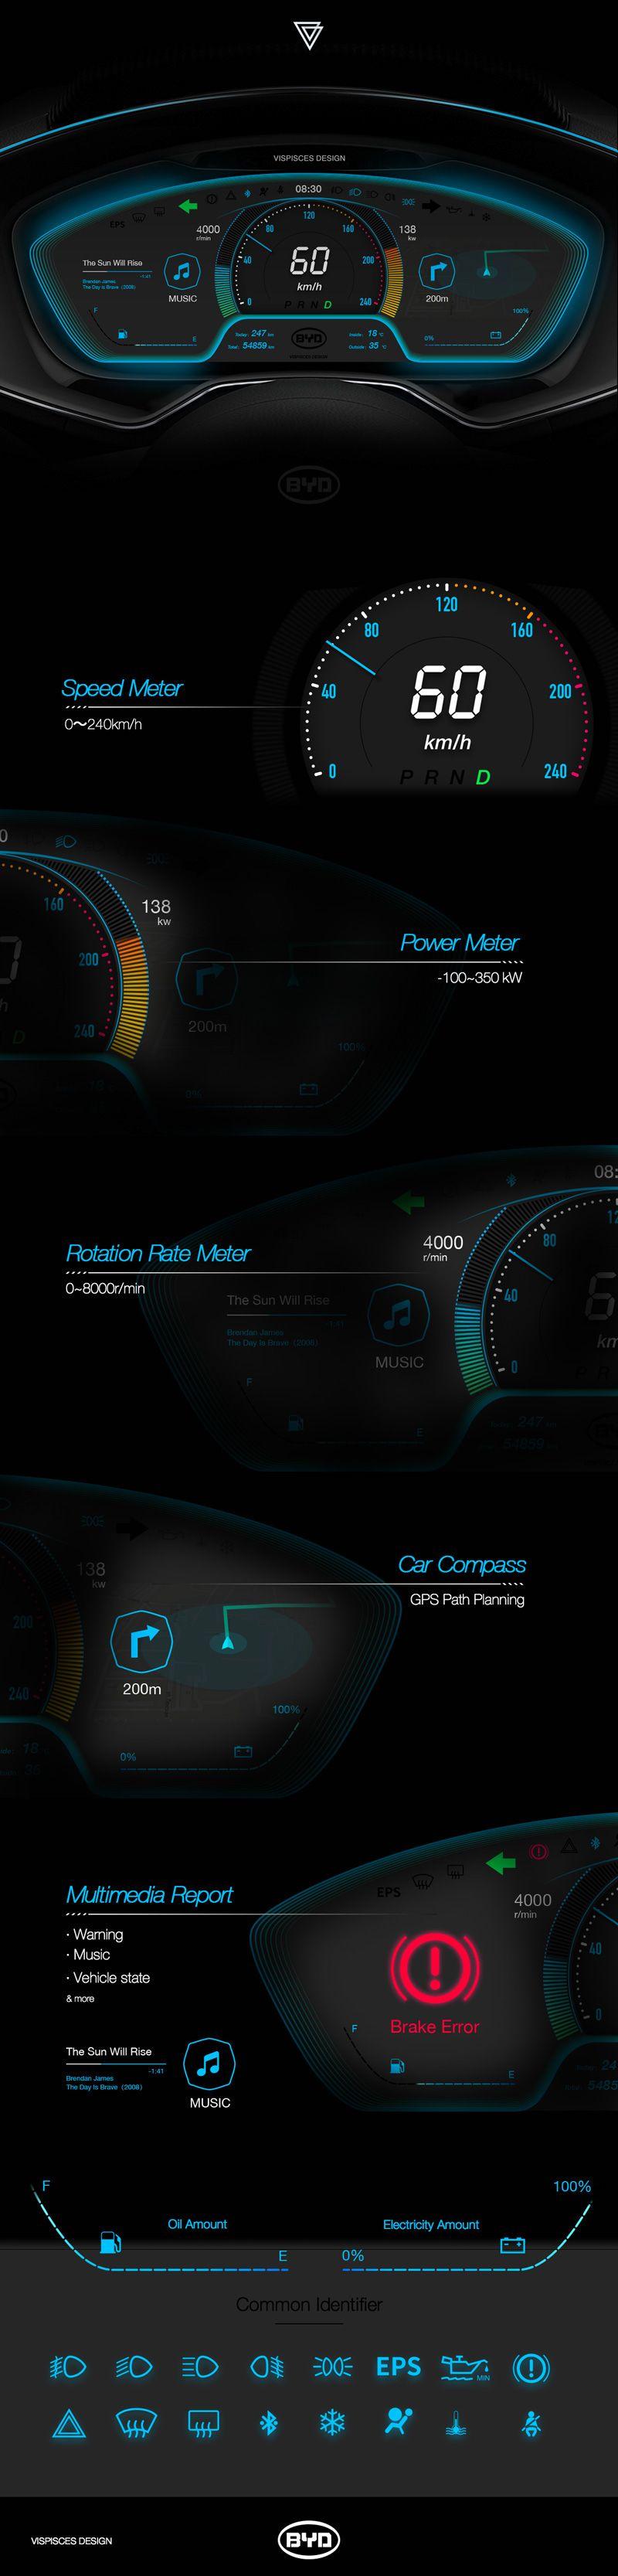 Byd Automobile Instrument Panel Design On Behance ユーザーインターフェース コントロールパネル かっこいいデザイン